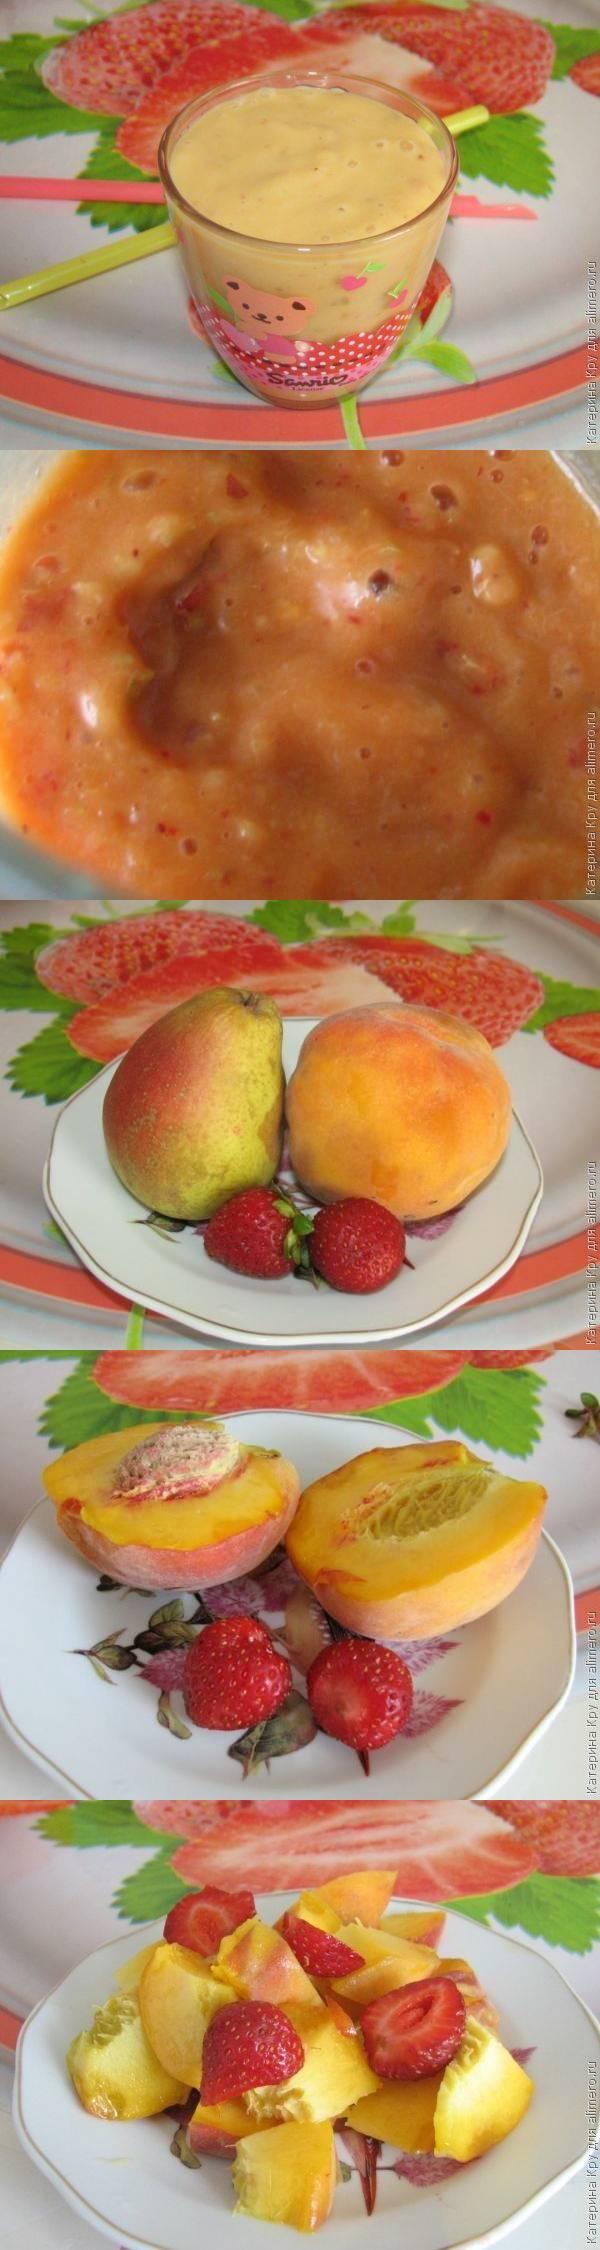 Ягодно-фруктовое смузи